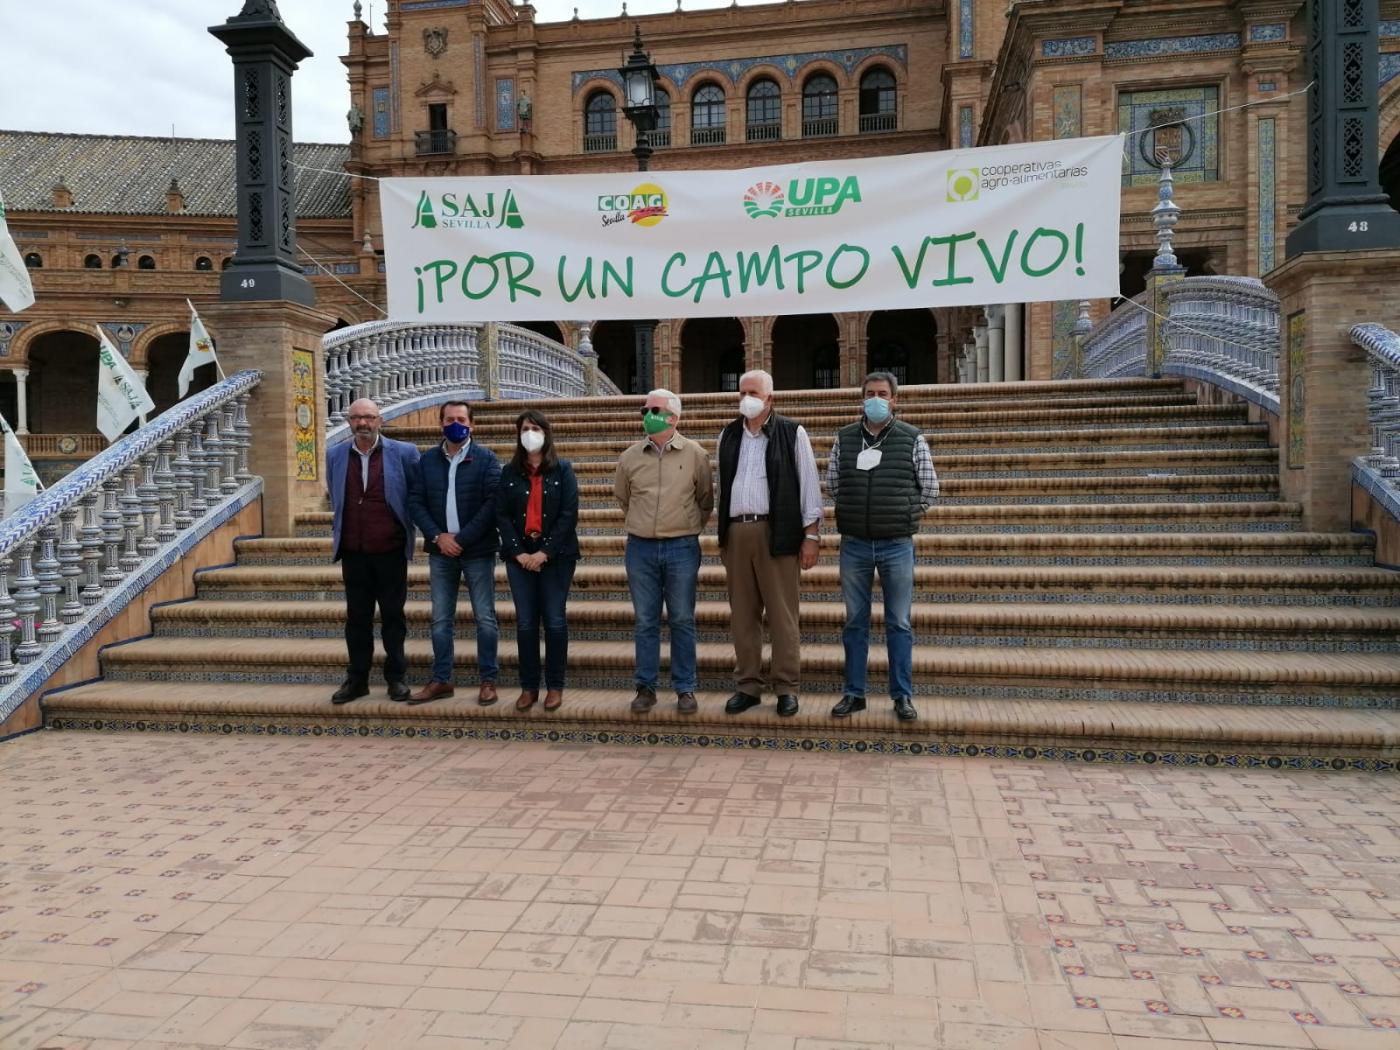 Protesta contra la PAC en la Plaza de España.